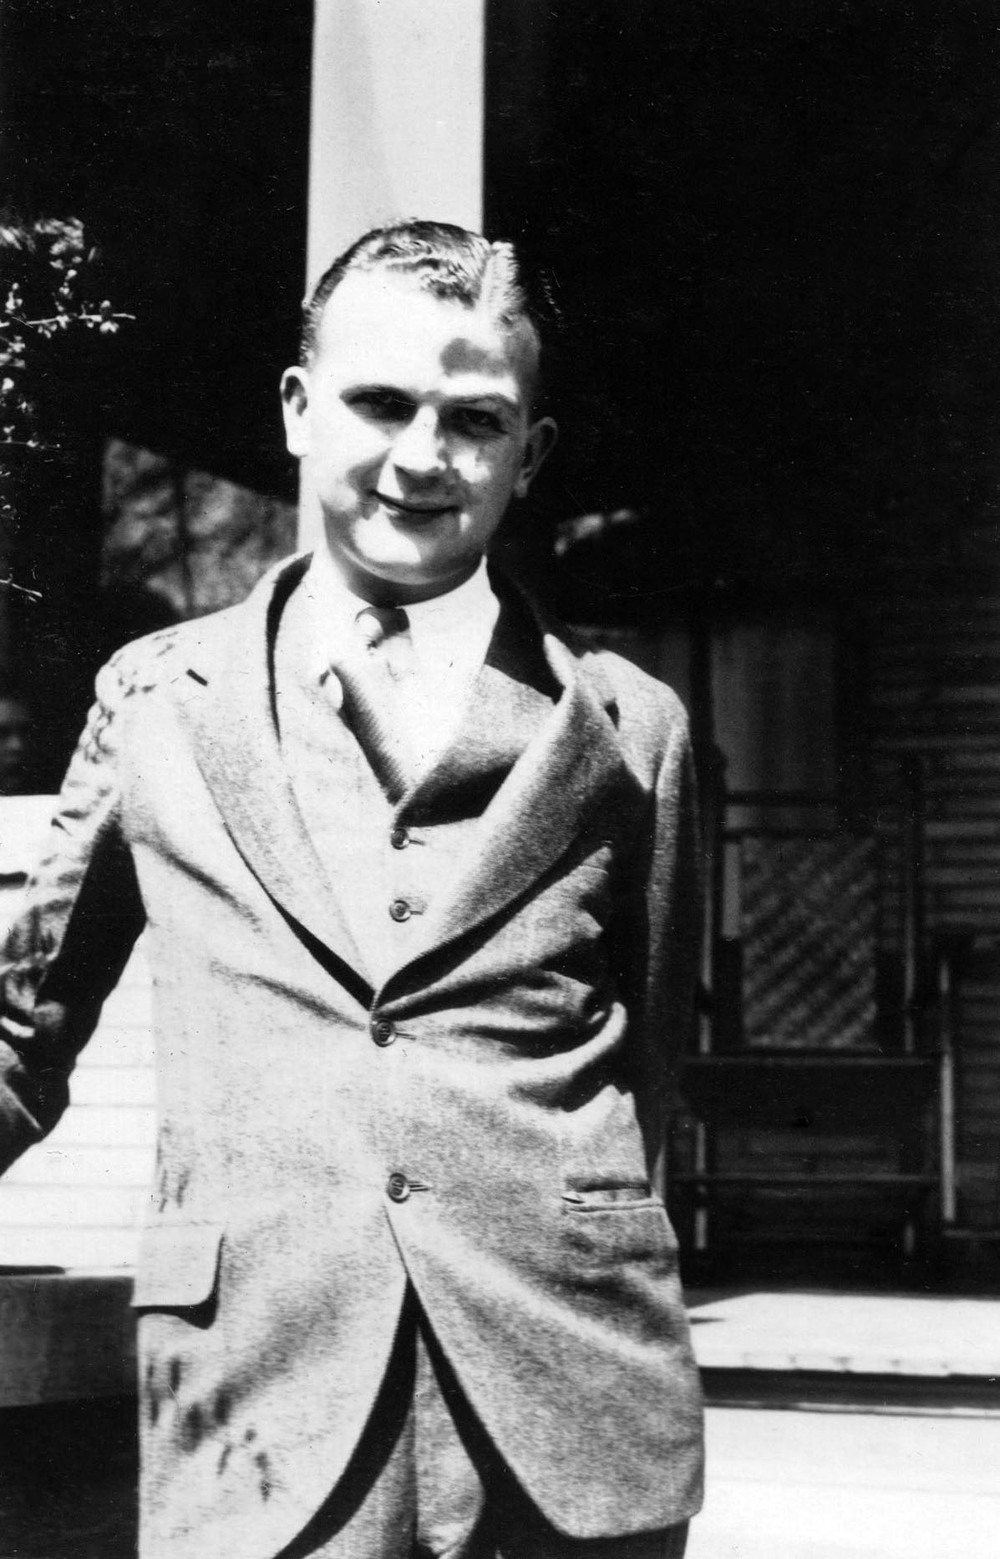 Robert L. Kerr Jr. 1929